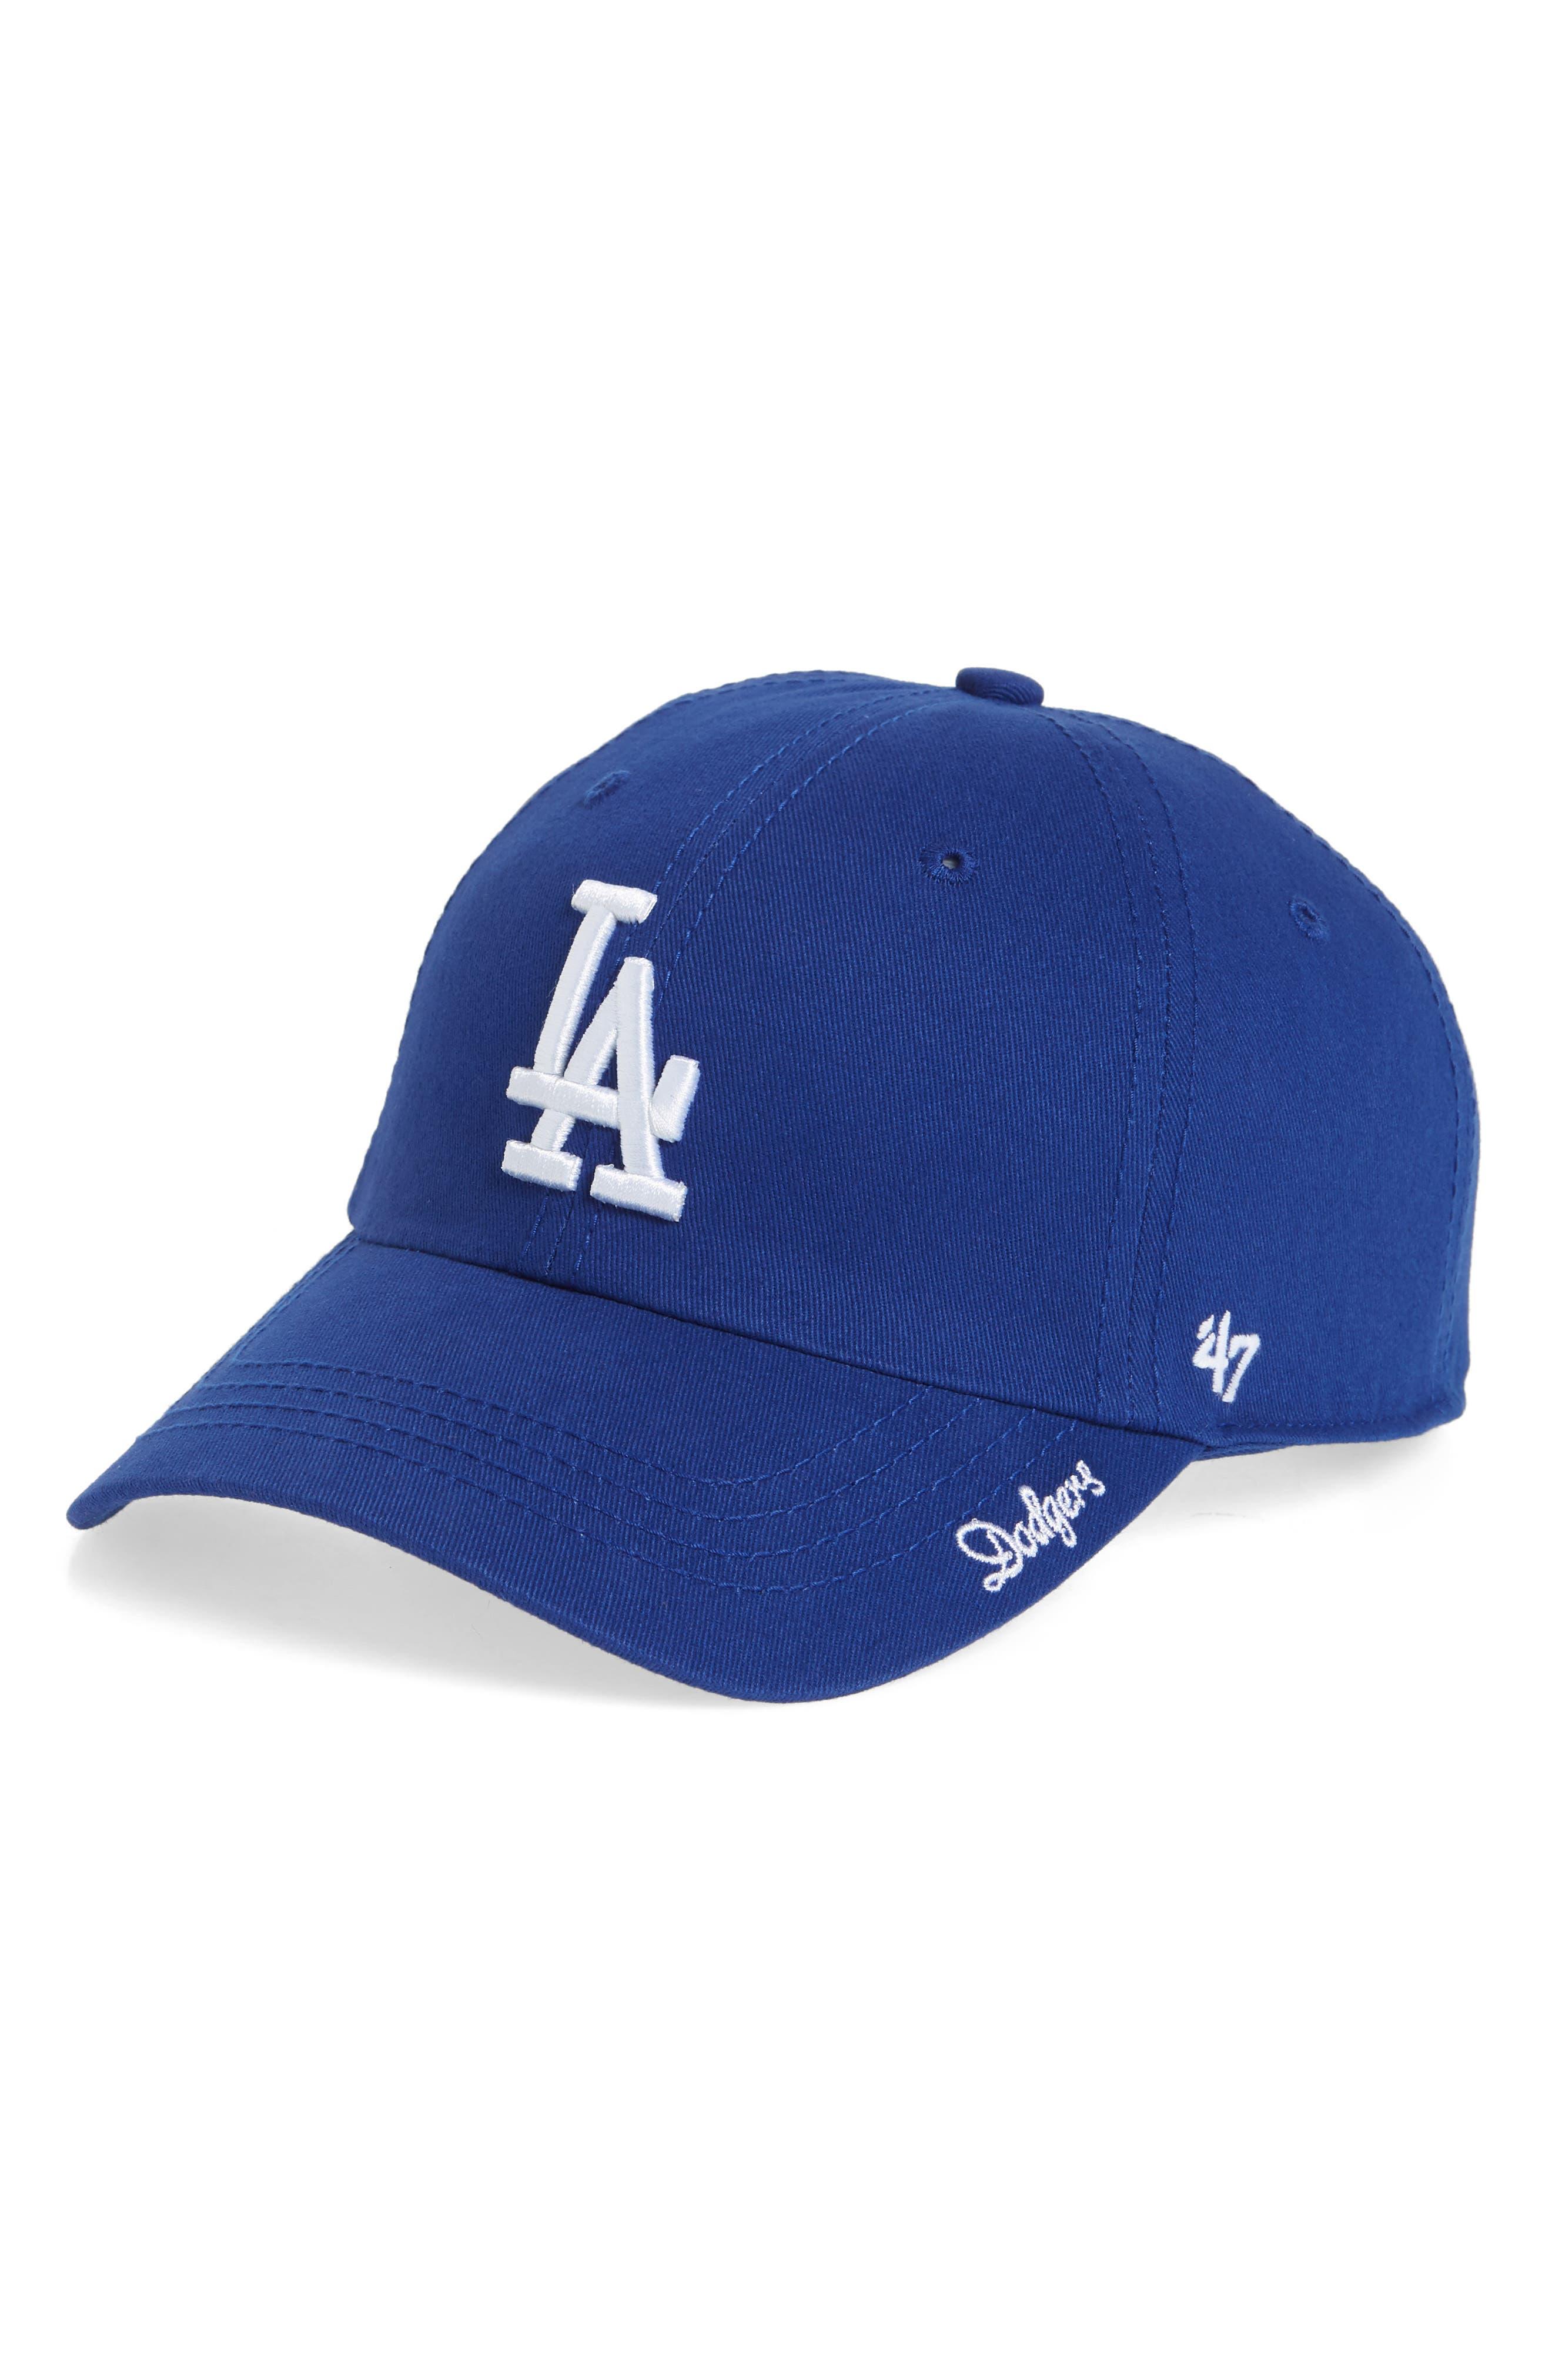 Miata Clean-Up Los Angeles Dodgers Baseball Cap,                         Main,                         color, 400